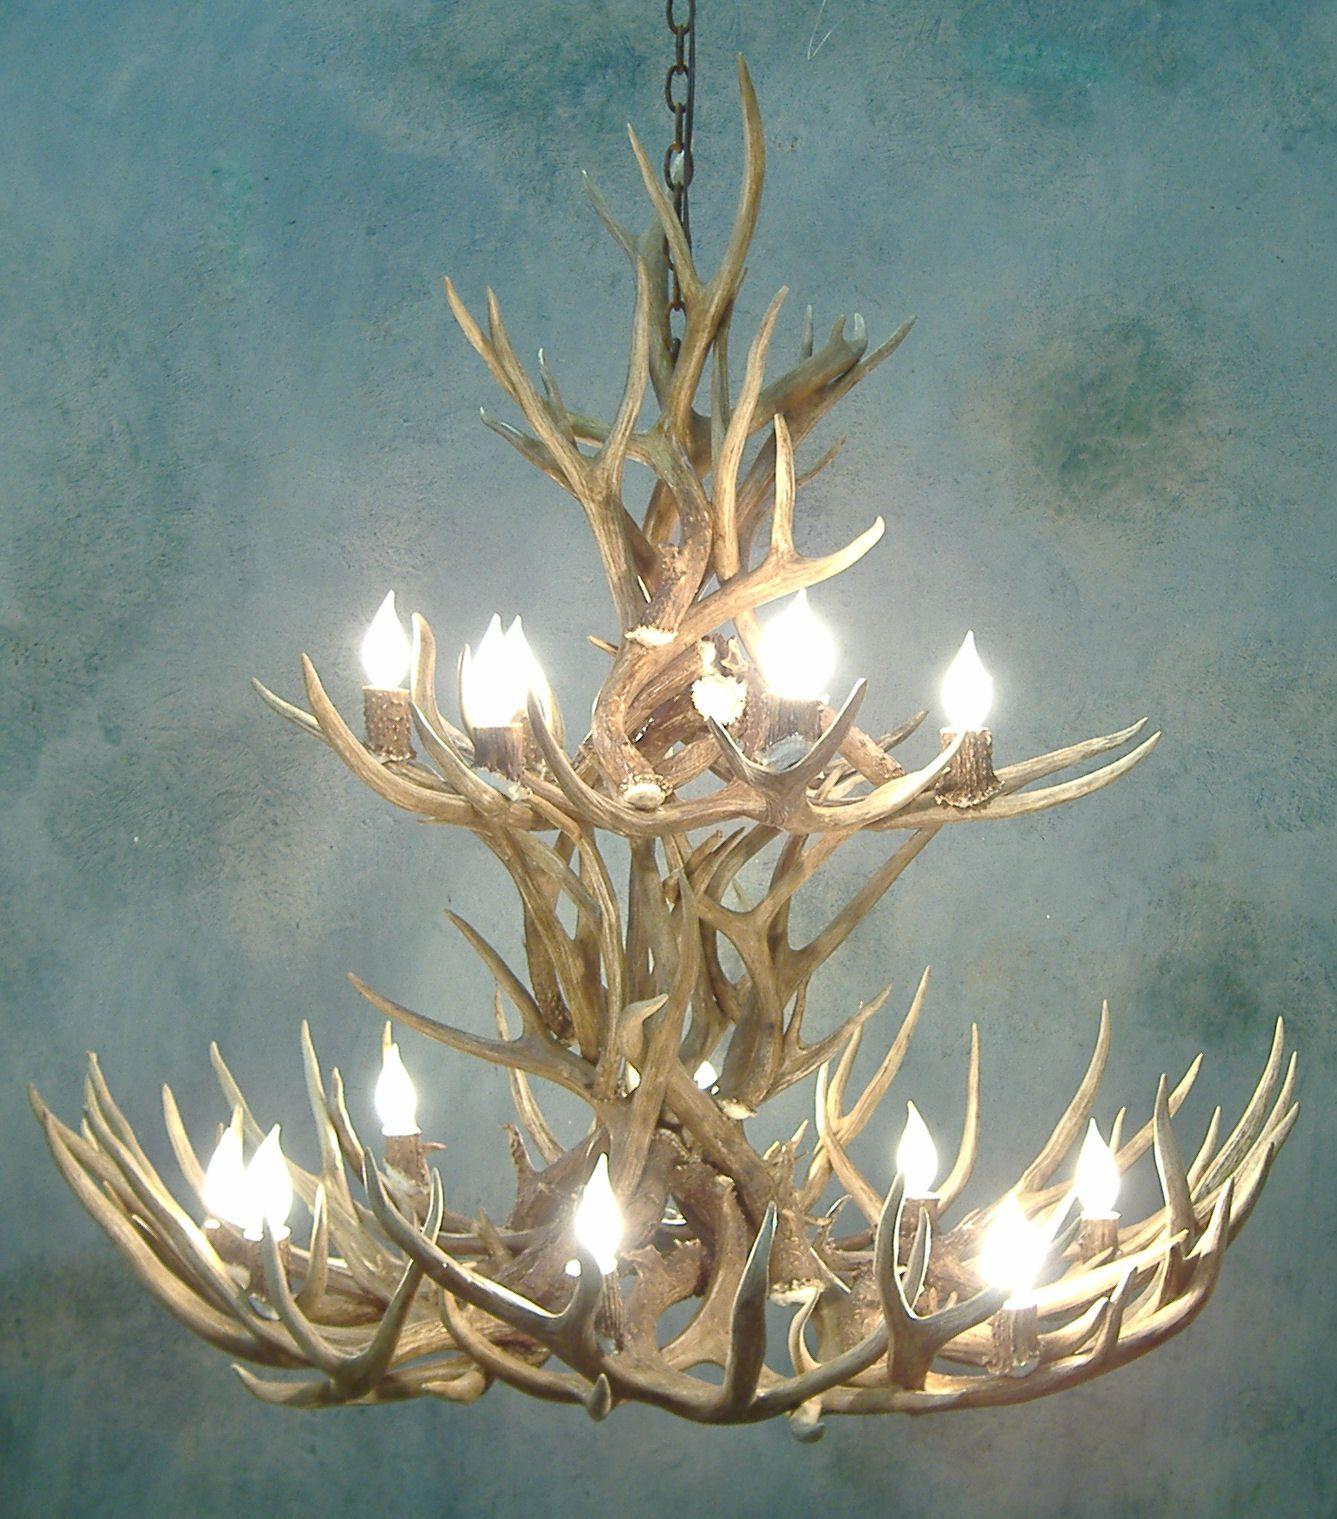 Antler Foyer Lighting : Peakantlers mule deer antler tier chandelier